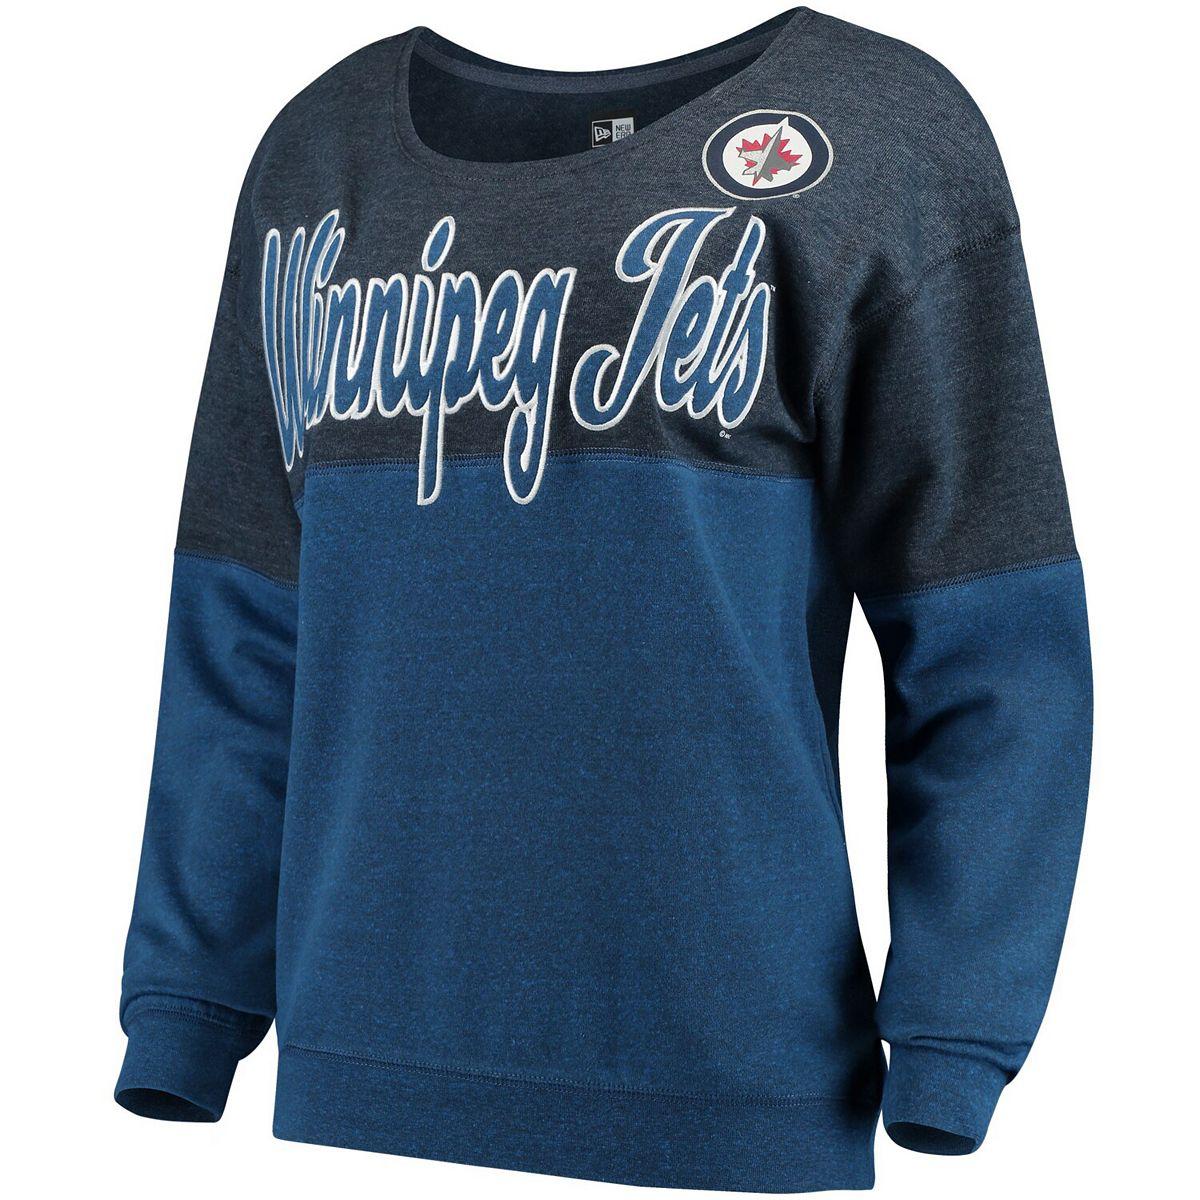 Women's 5th & Ocean by New Era Navy/Blue Winnipeg Jets Tri-Blend Fleece Scoop Neck Pullover Sweatshirt EEk2r